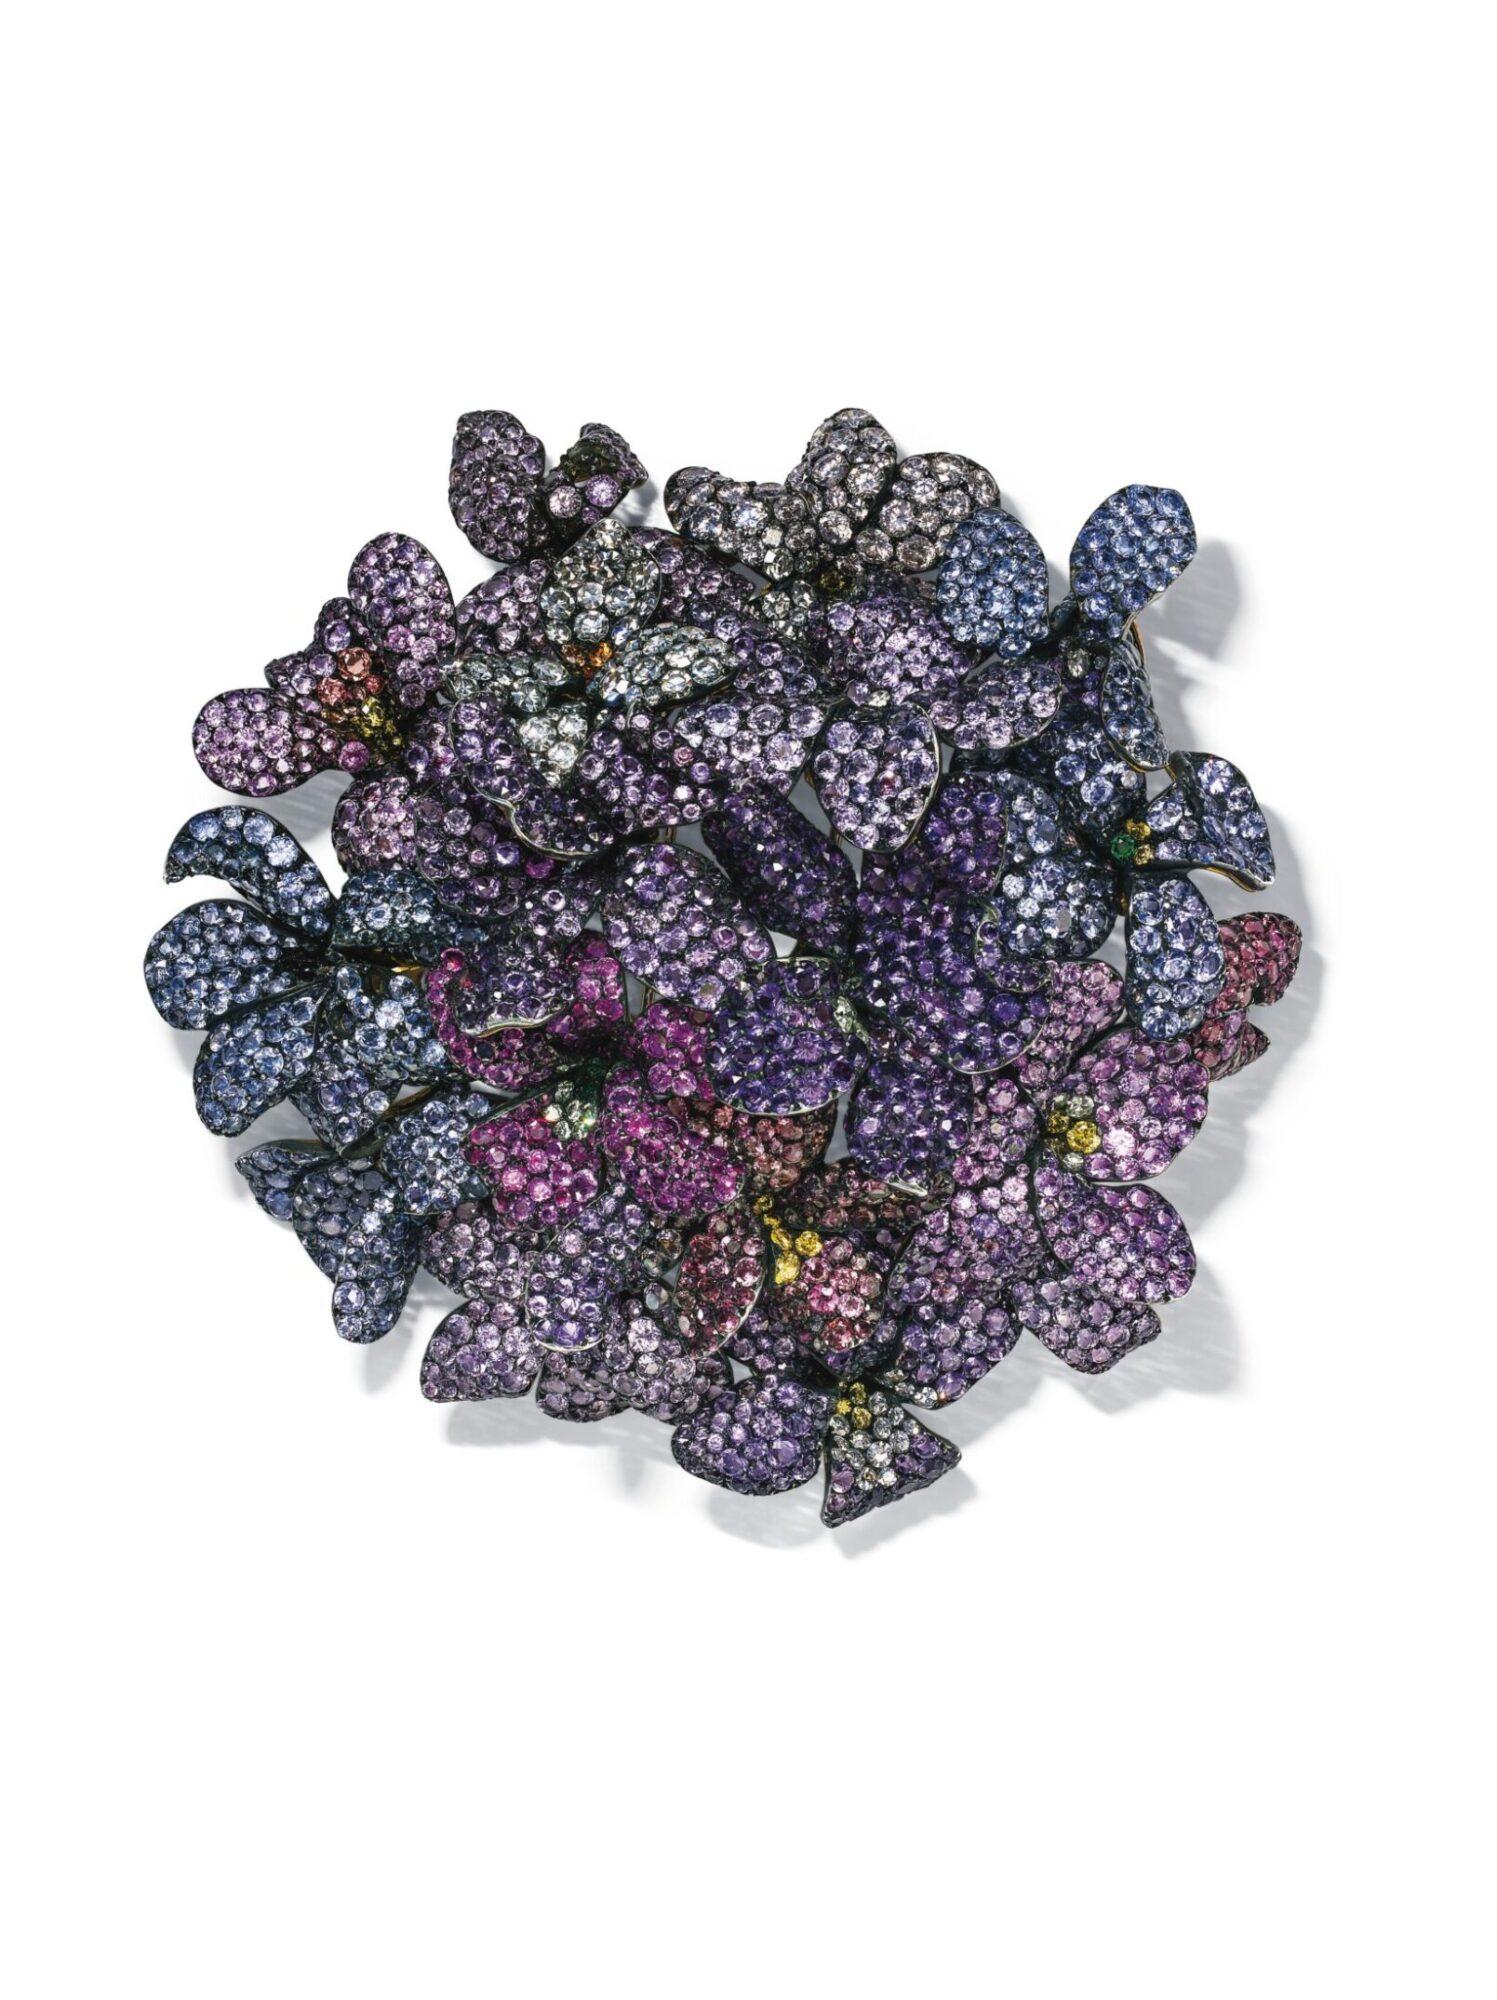 Multi-gem bouquet of vilet brooch by JAR, estiamte CHF800,000-1,200,000